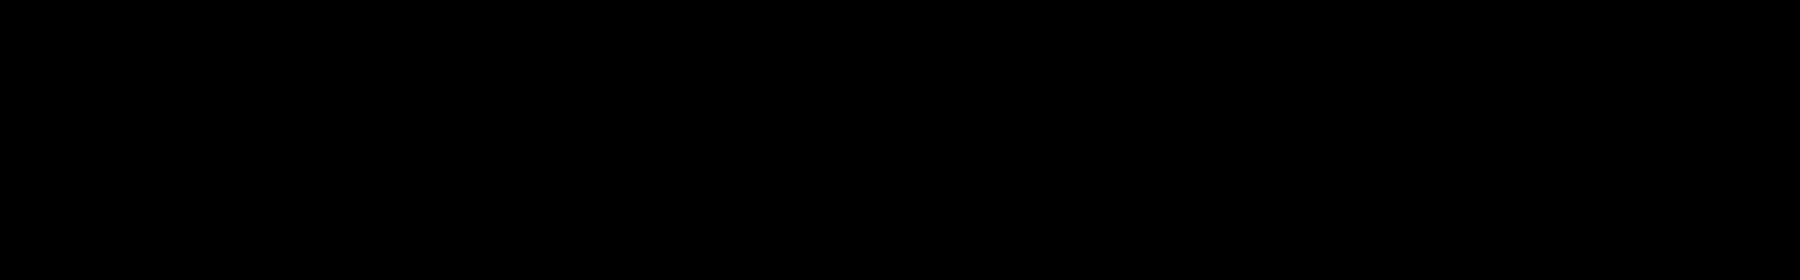 Serum Cinematic Fx Collection audio waveform